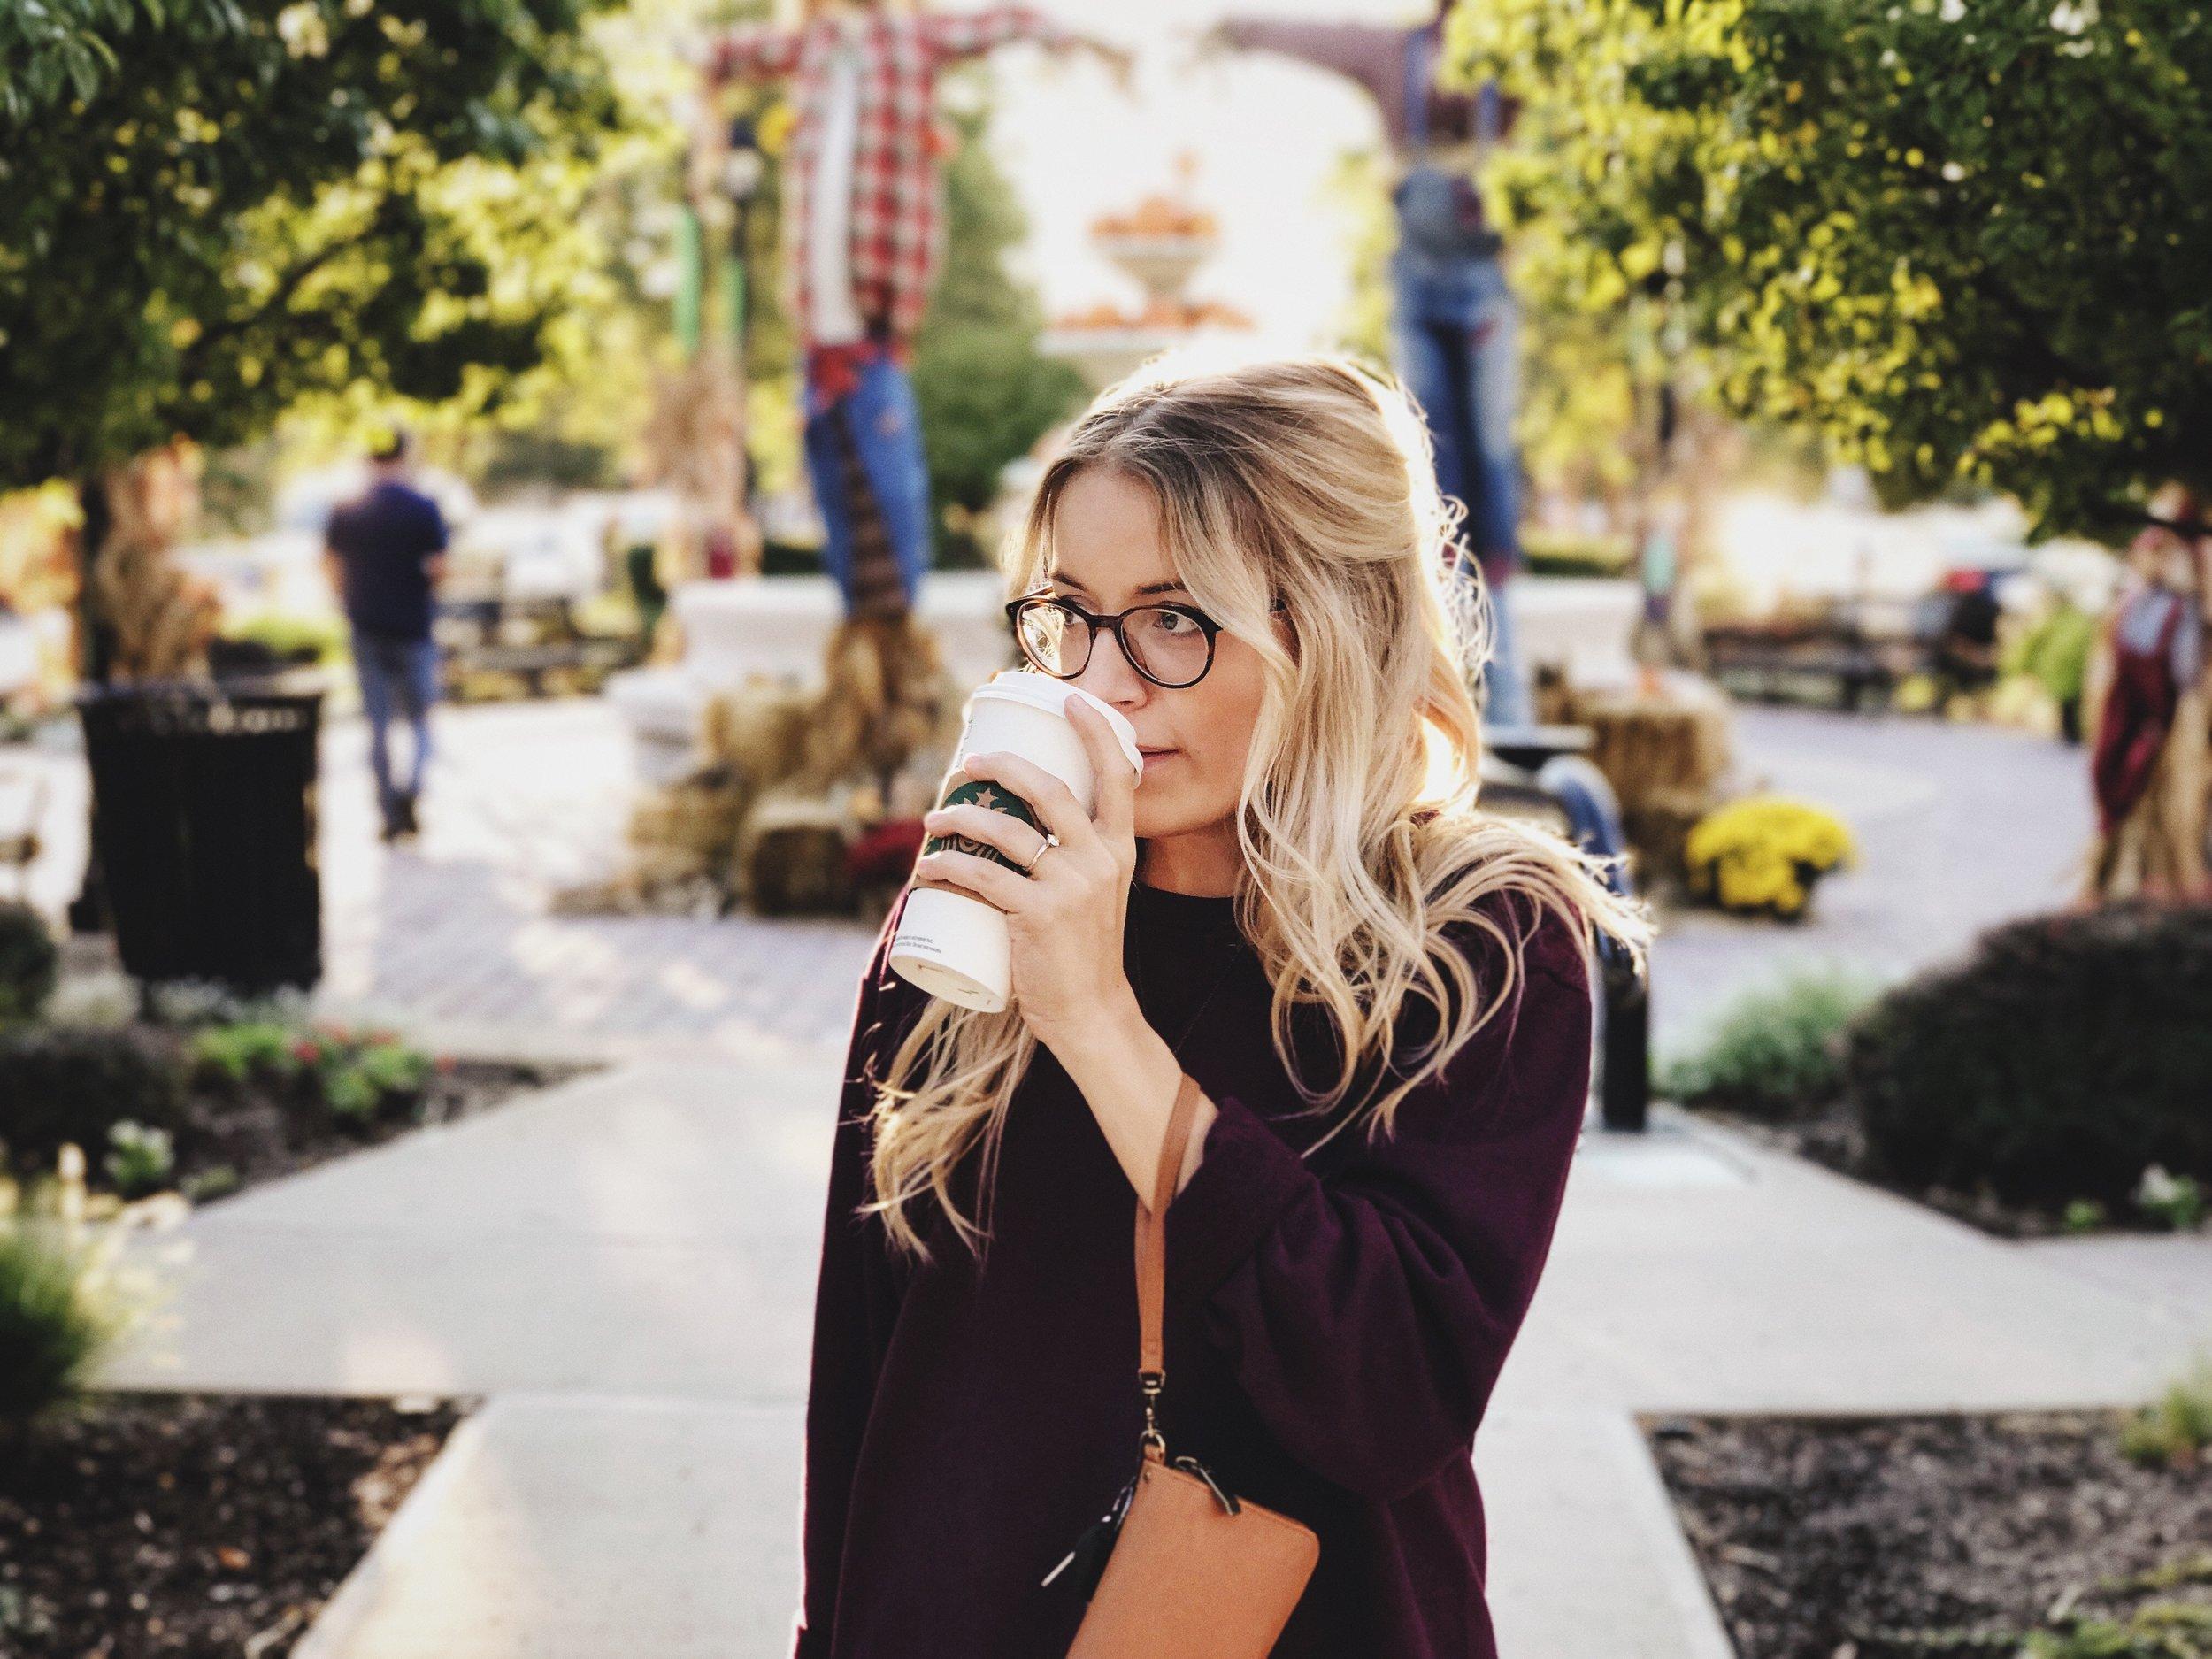 Coffee before school in Los Angeles